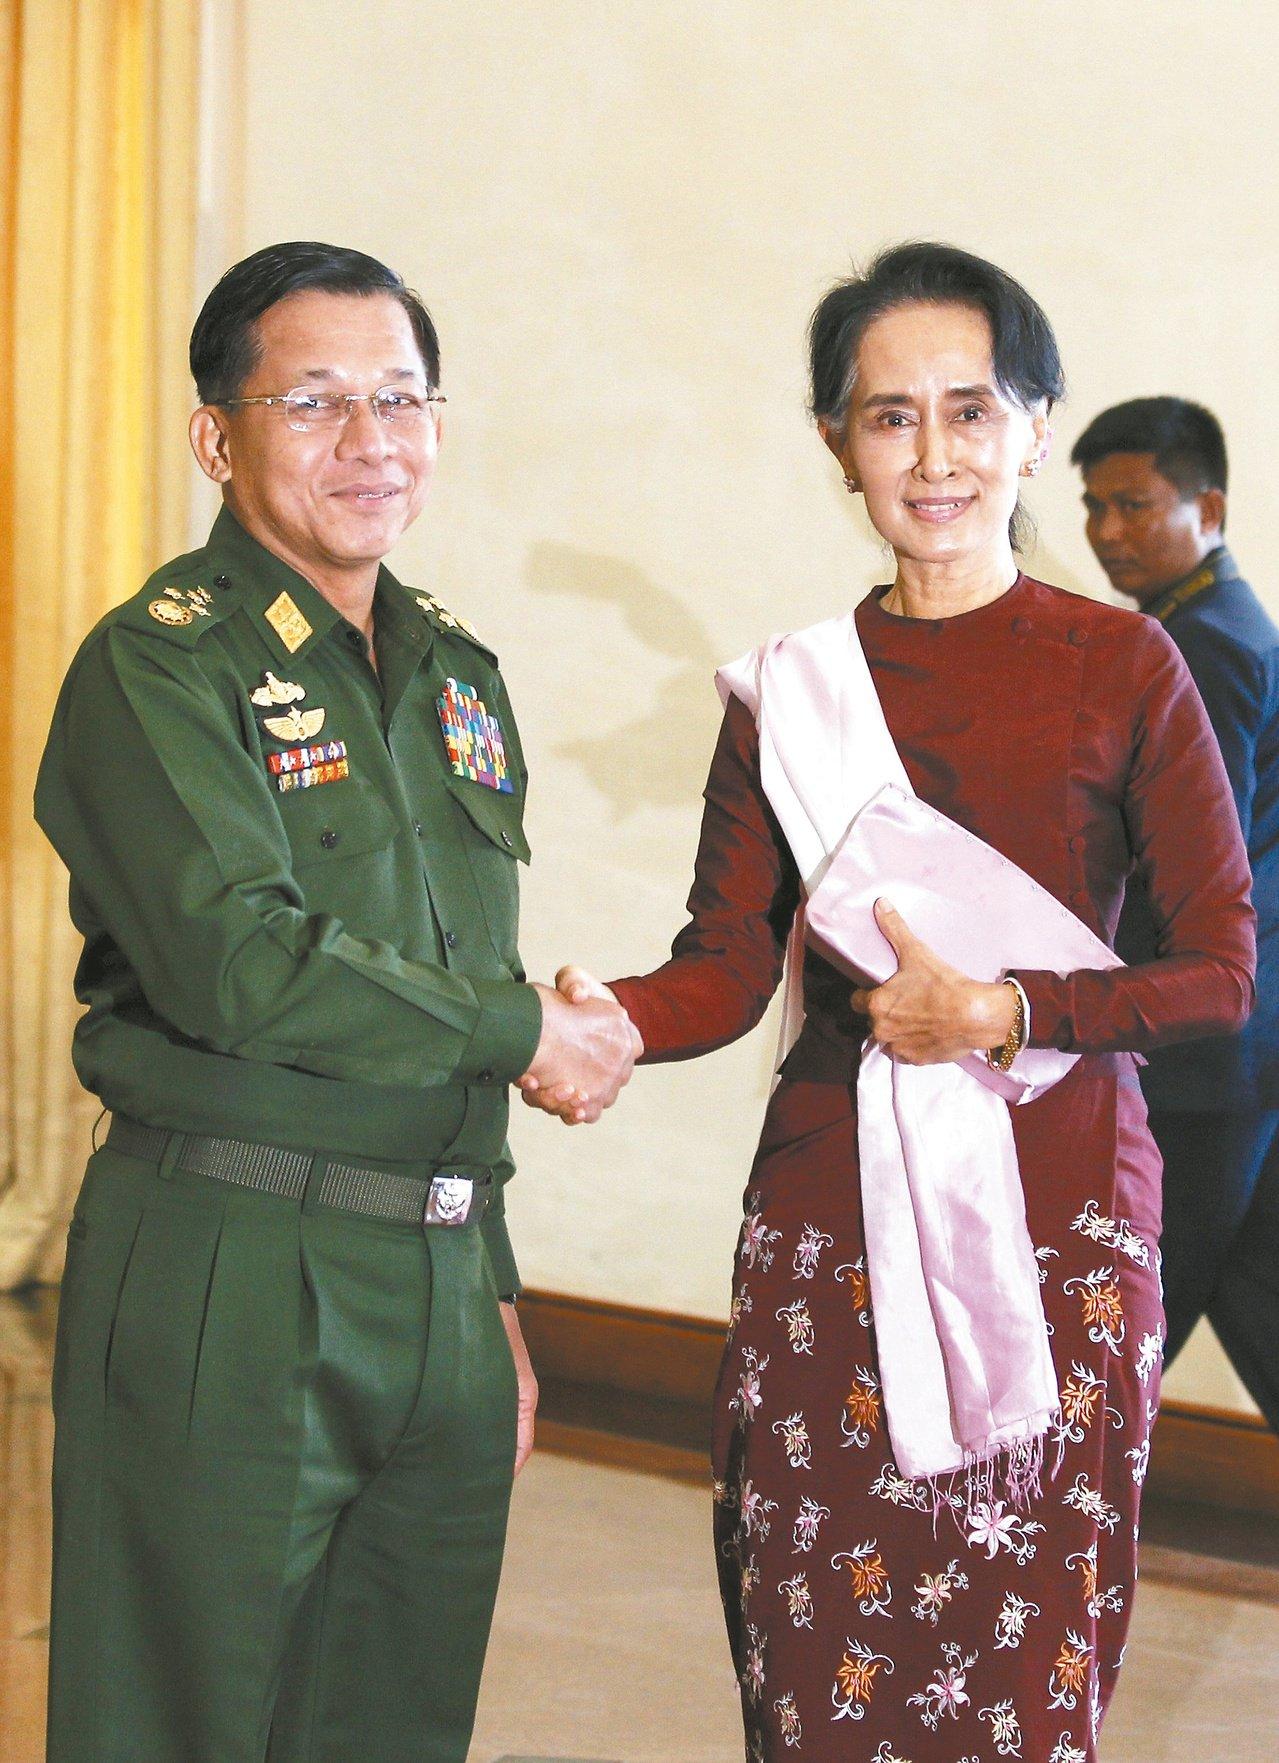 緬甸武裝部隊總司令敏昂萊(左)是翁山蘇姬(右)執政的成敗關鍵。路透